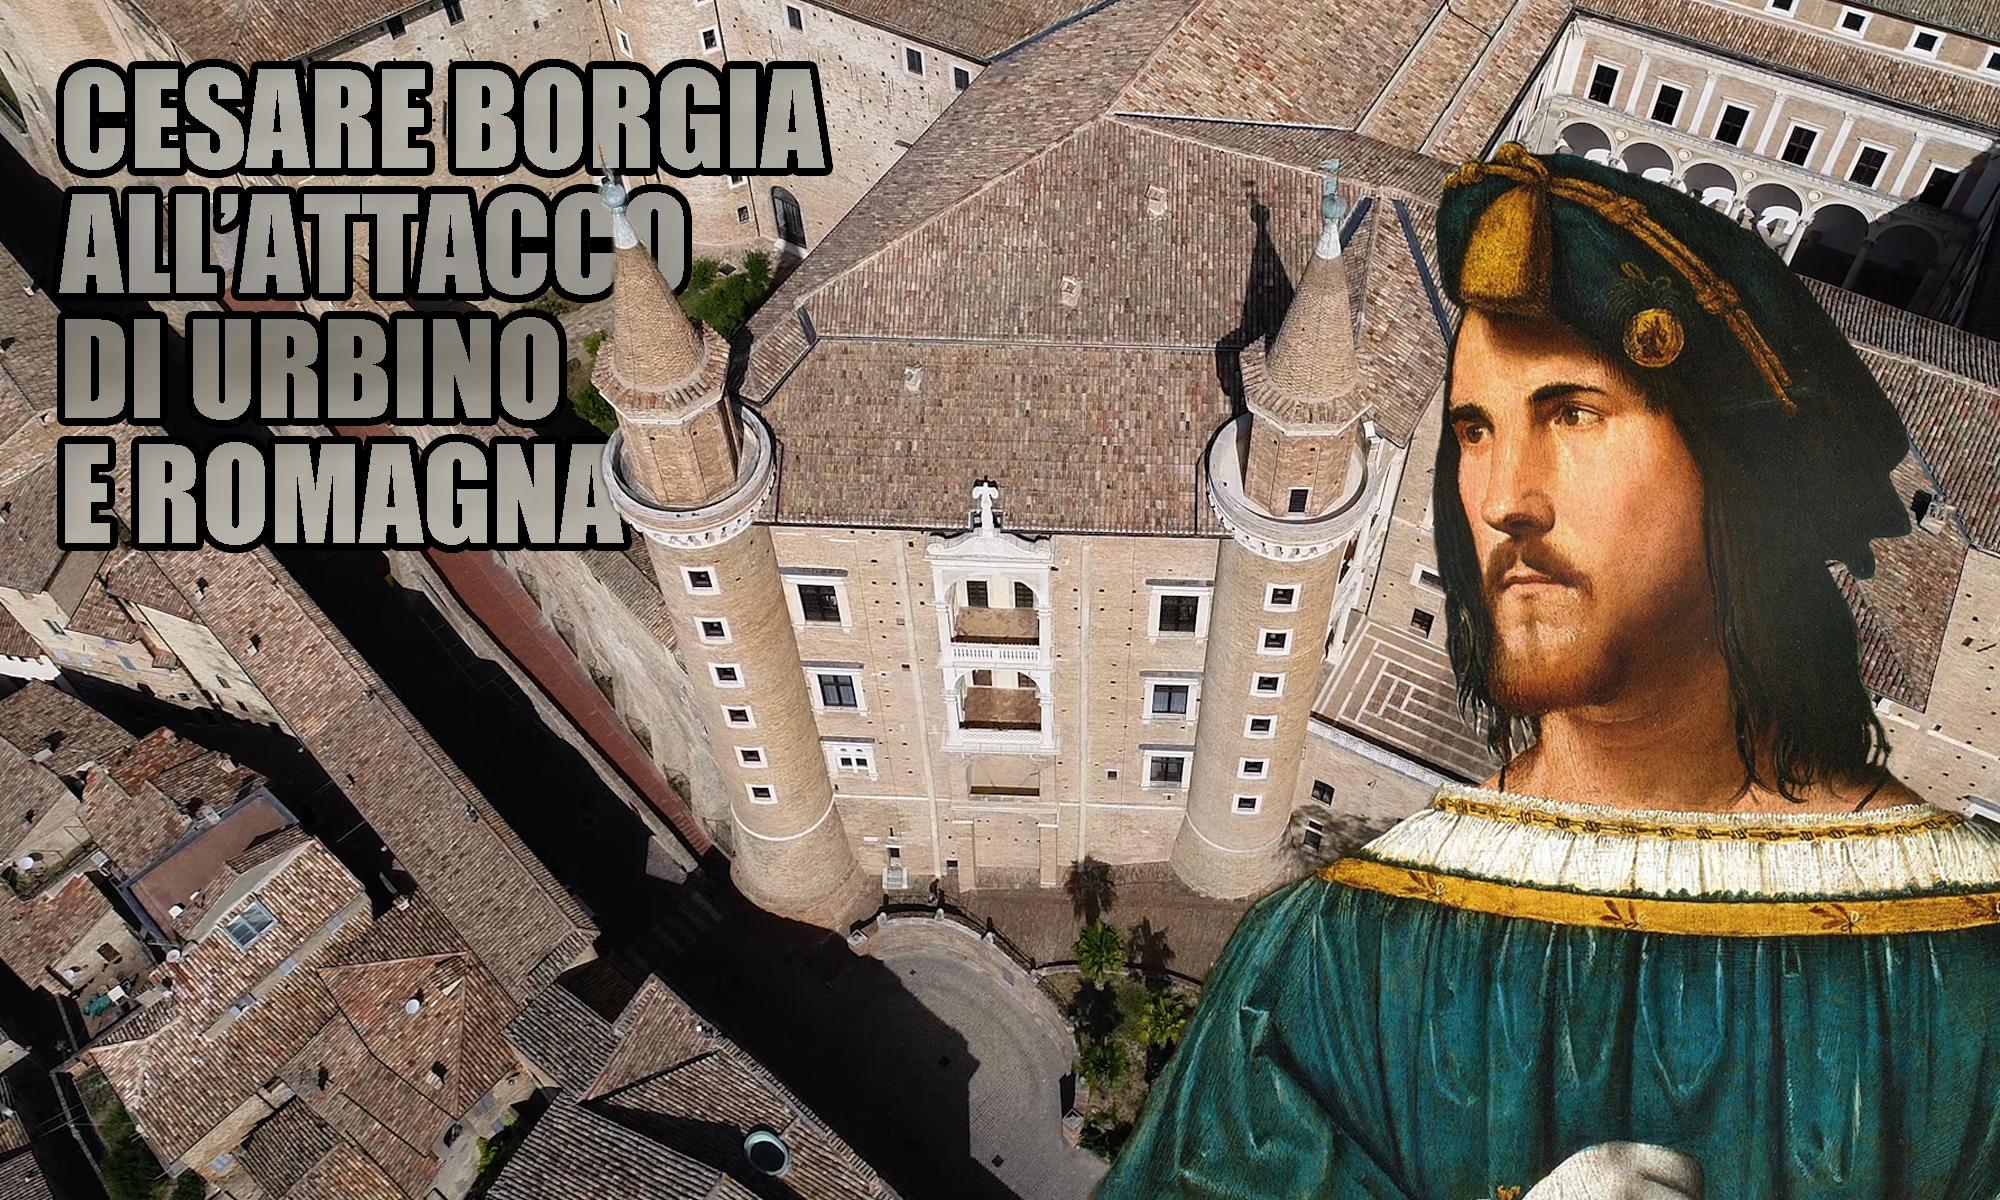 Borgia attacca Urbino e Romagna